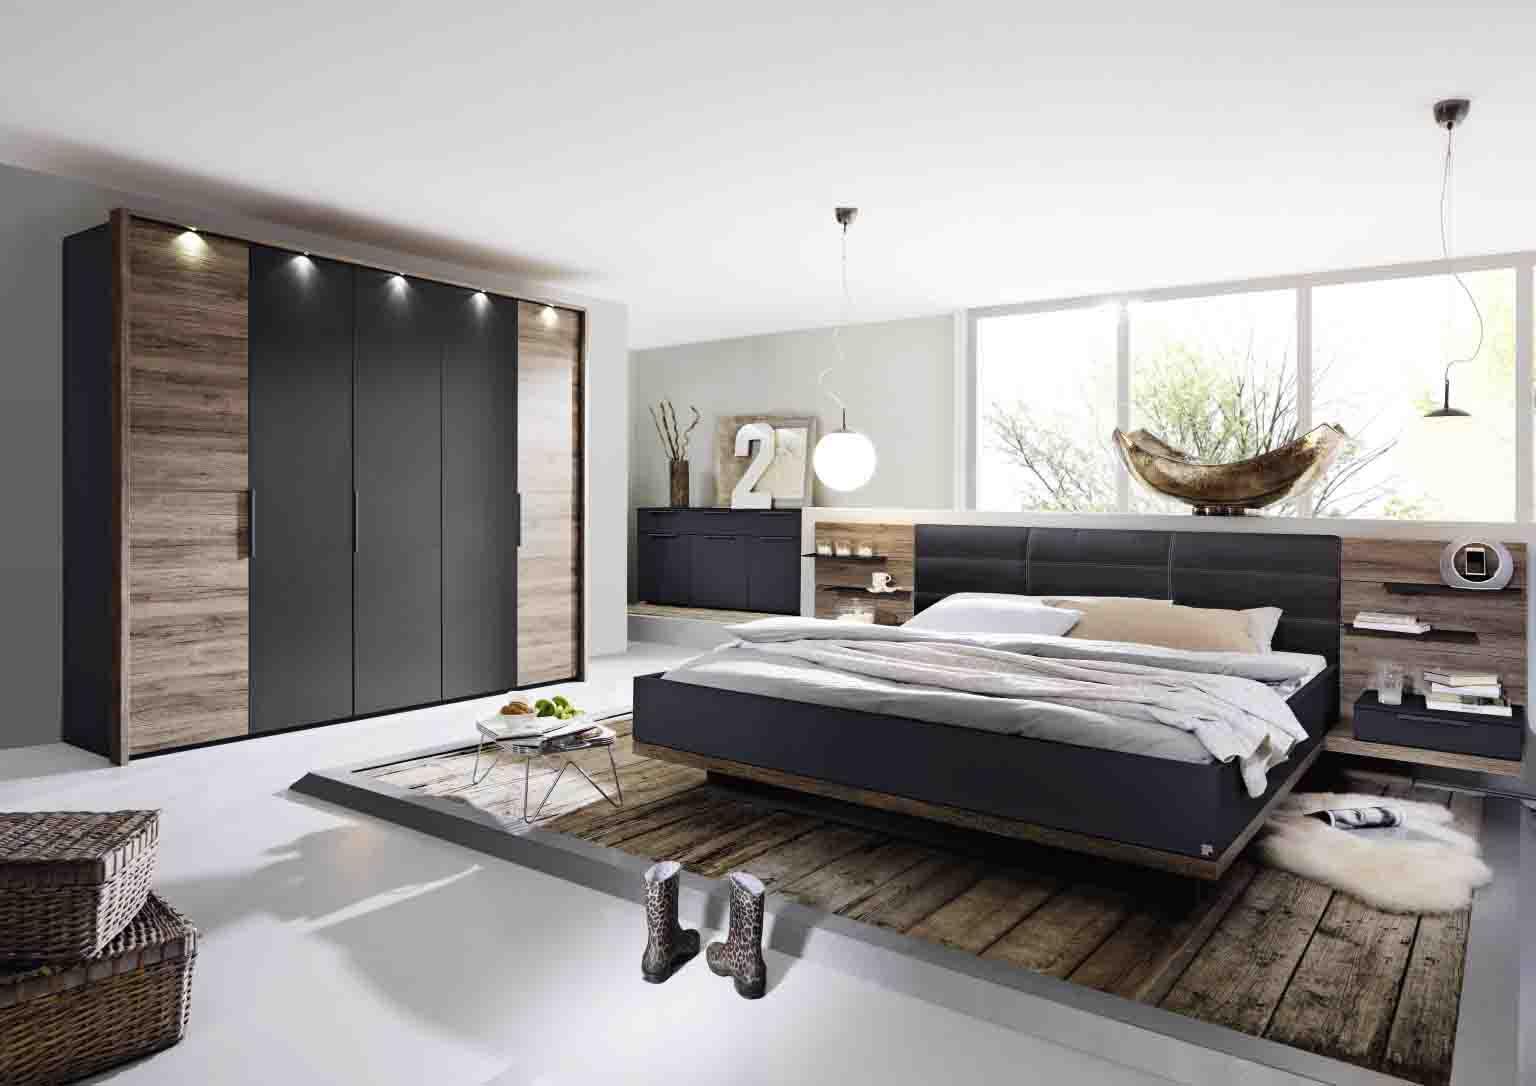 schlafzimmer allgemein schafzimmer g nstig online kaufen massiva m. Black Bedroom Furniture Sets. Home Design Ideas